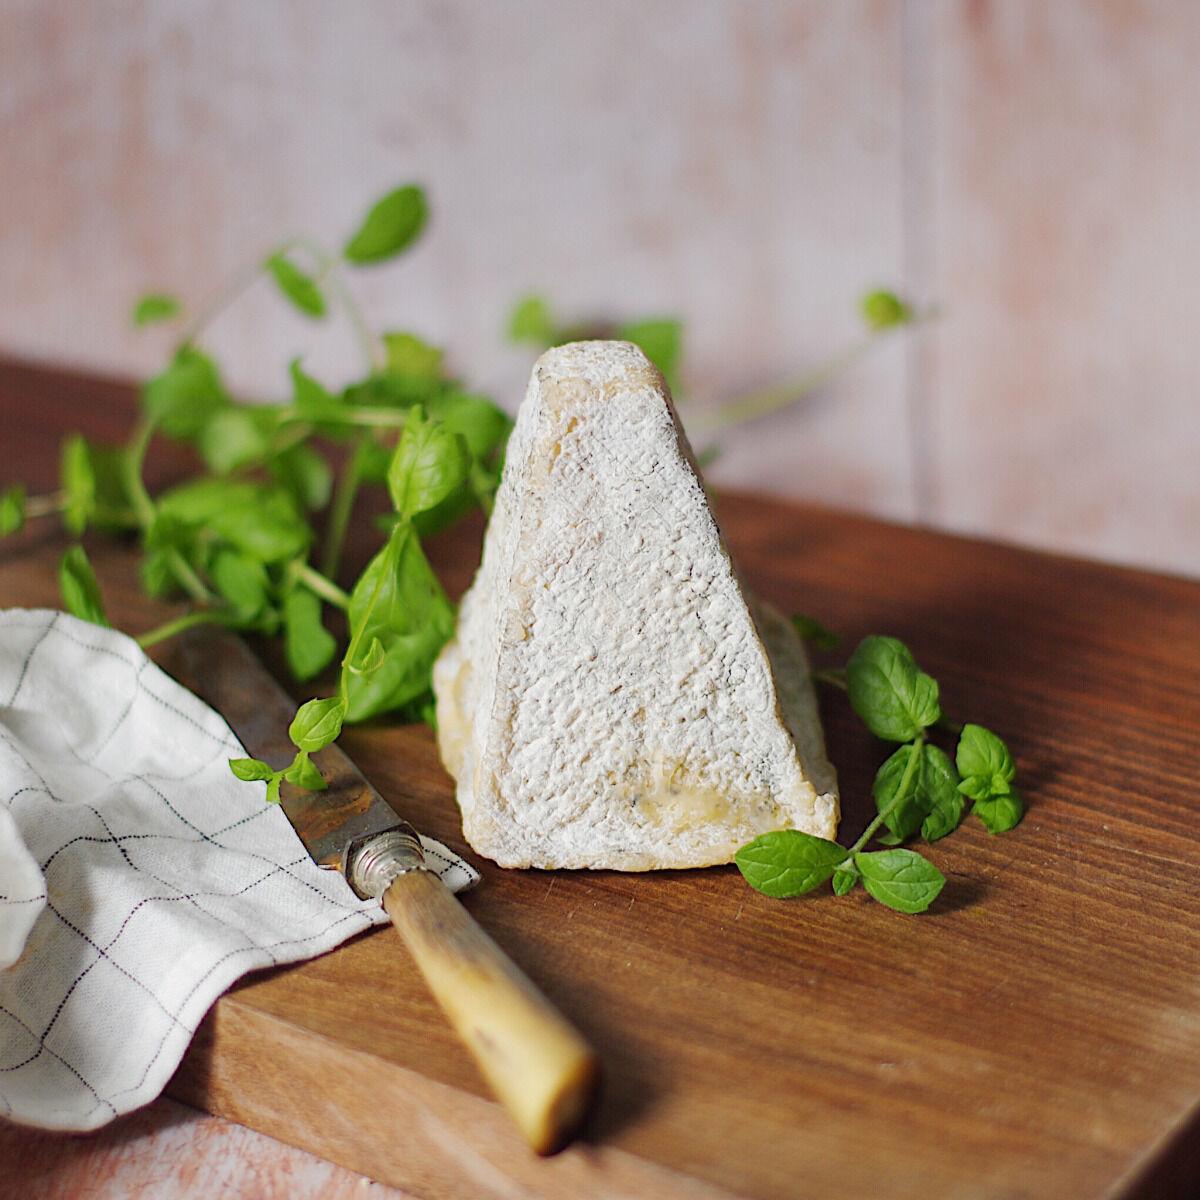 Ferme du caroire Pyramide sèche au lait cru de chèvre